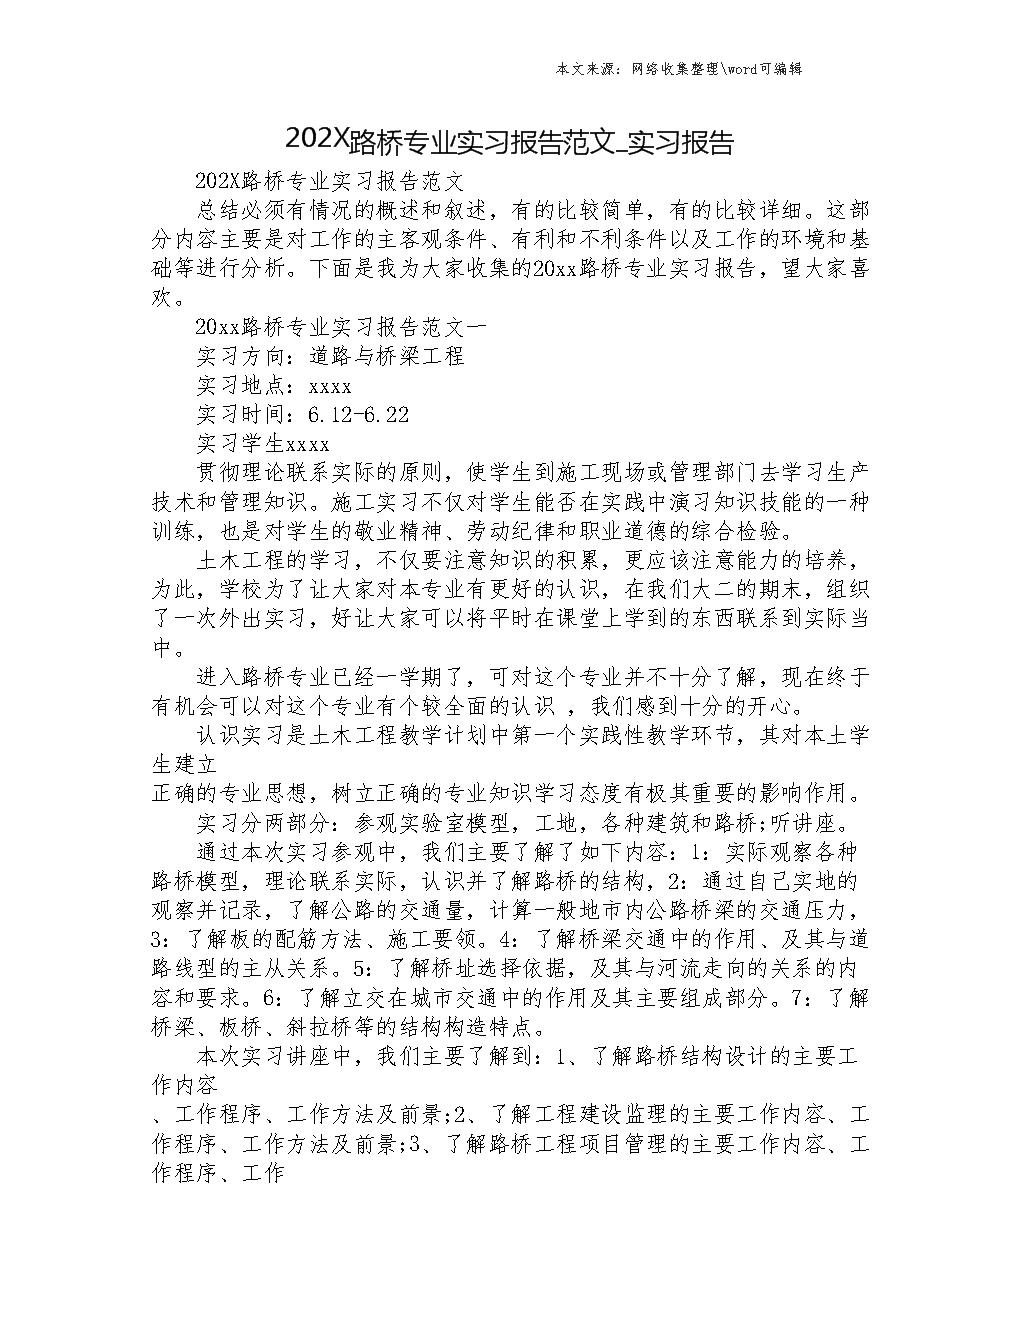 2020路桥专业实习报告范文_实习报告l.doc